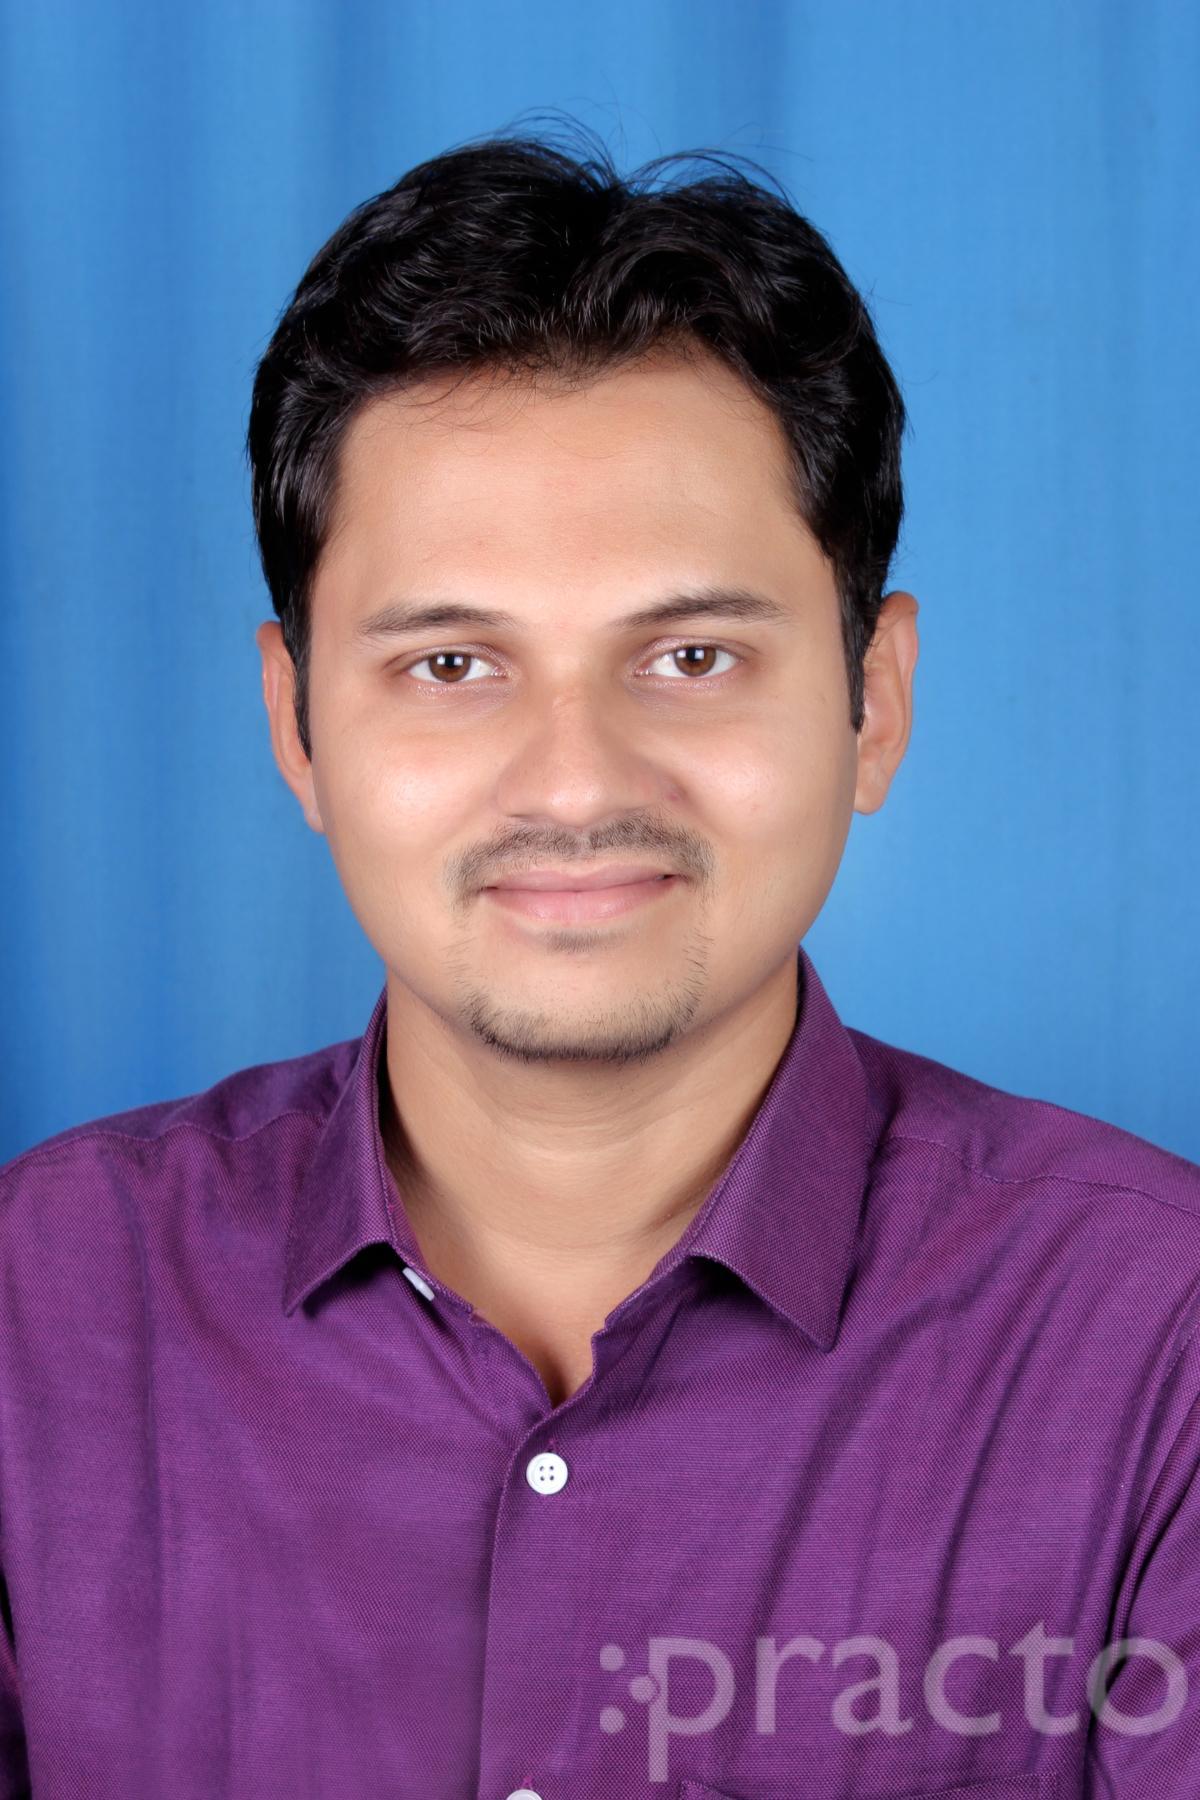 Dr. Yogesh Somwanshi - Dentist